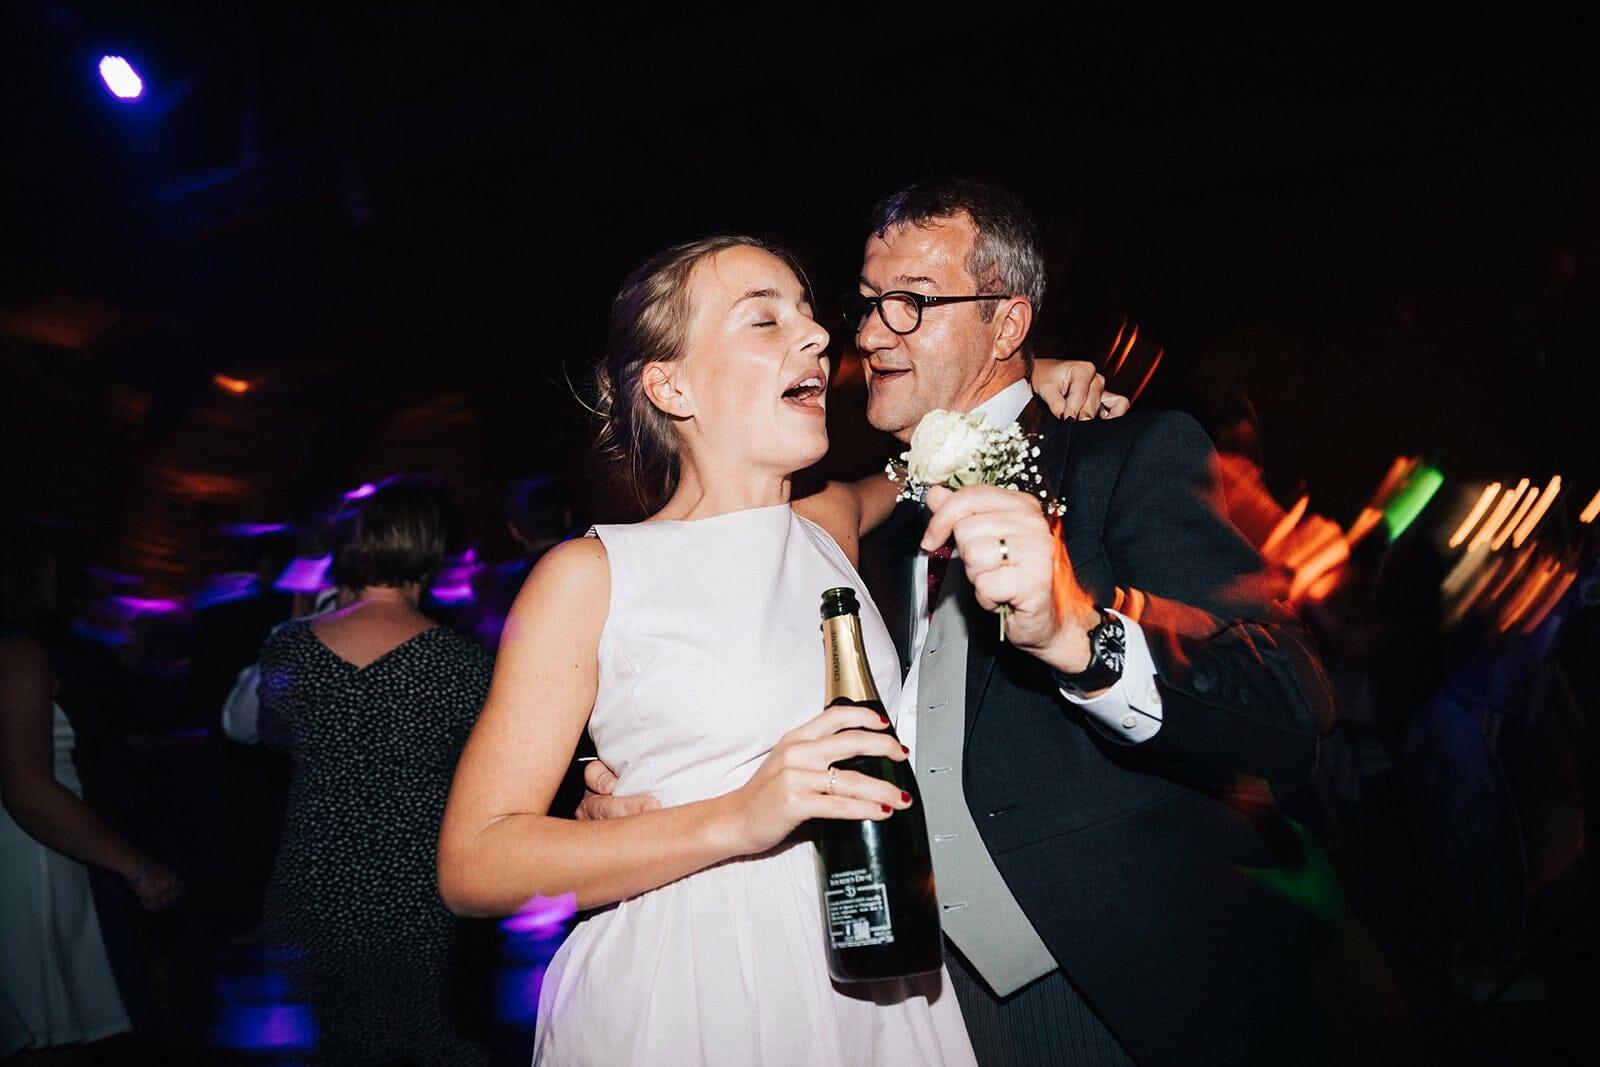 Photographe de mariage chic automne Jarnioux